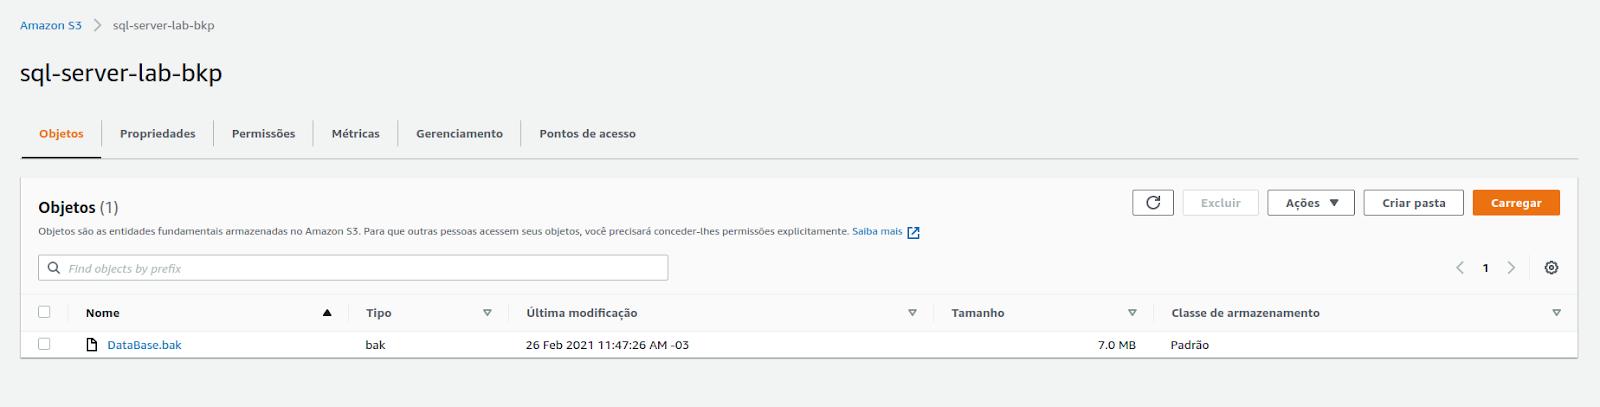 Tela da AWS de dentro do bucket, fundo cinza claro com o nome da pasta e o arquivo de backup do sql server contendo nome, tipo, data, tamanho e classe.